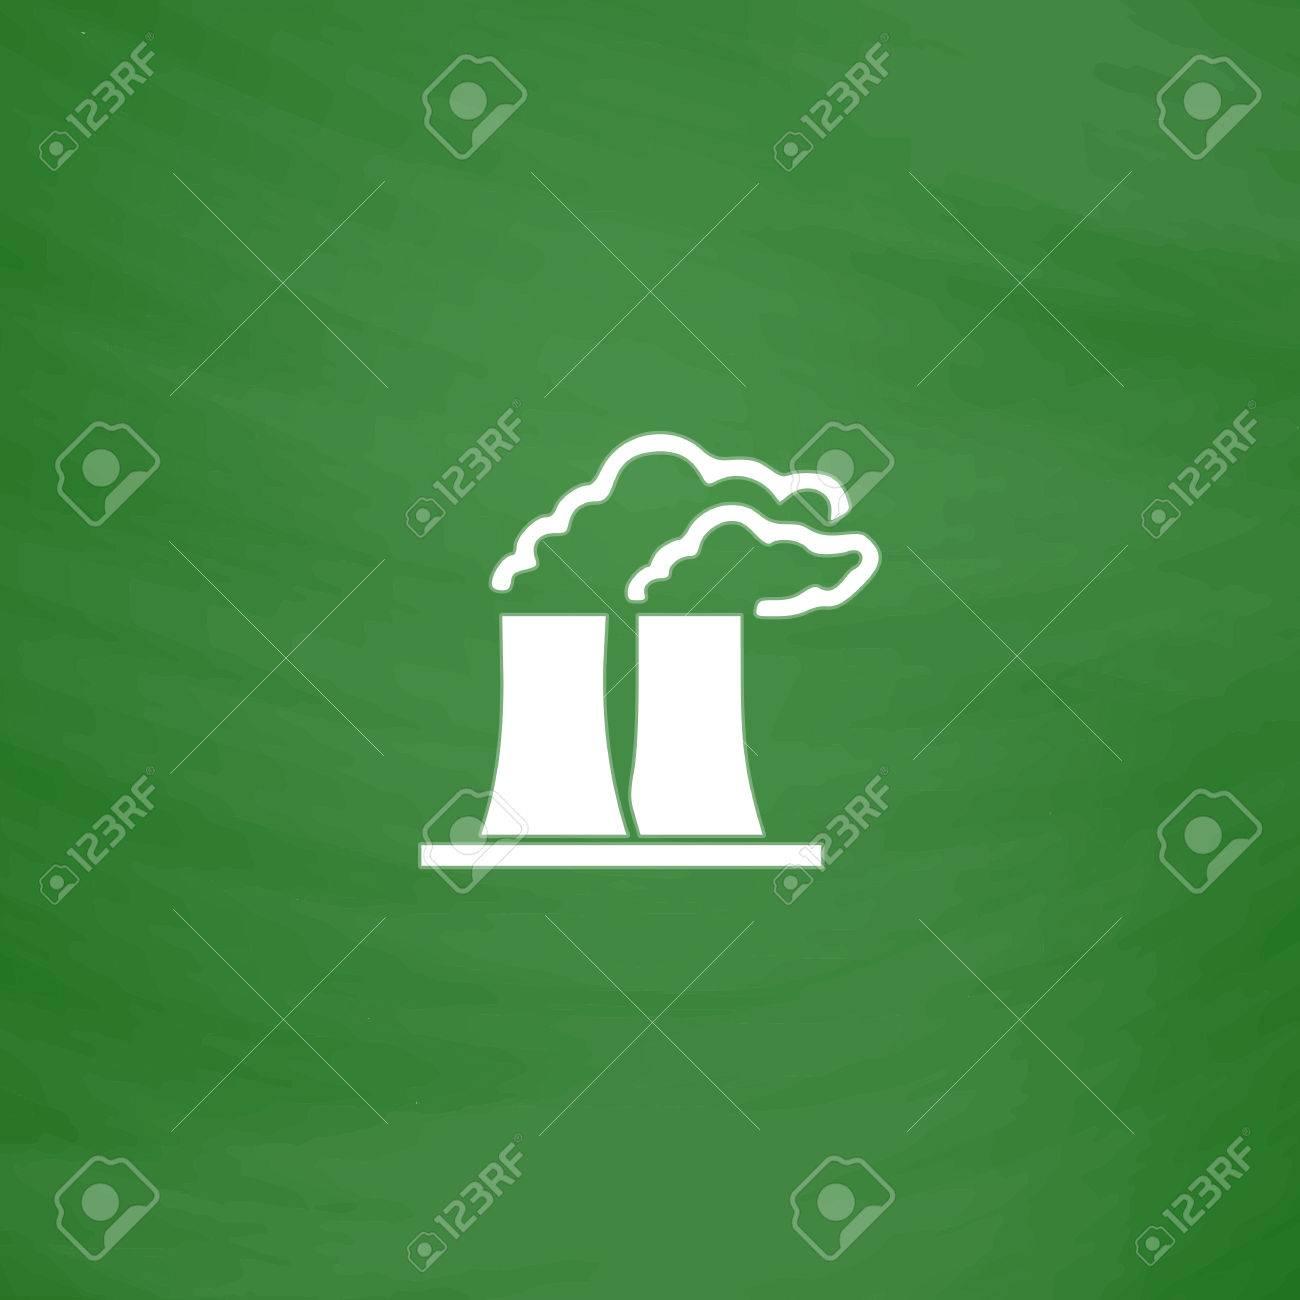 Usine Ou D Une Plante Icône Plat Imitation Dessiner à La Craie Blanche Sur Tableau Vert Pictogram Flat And School Board Background Vector